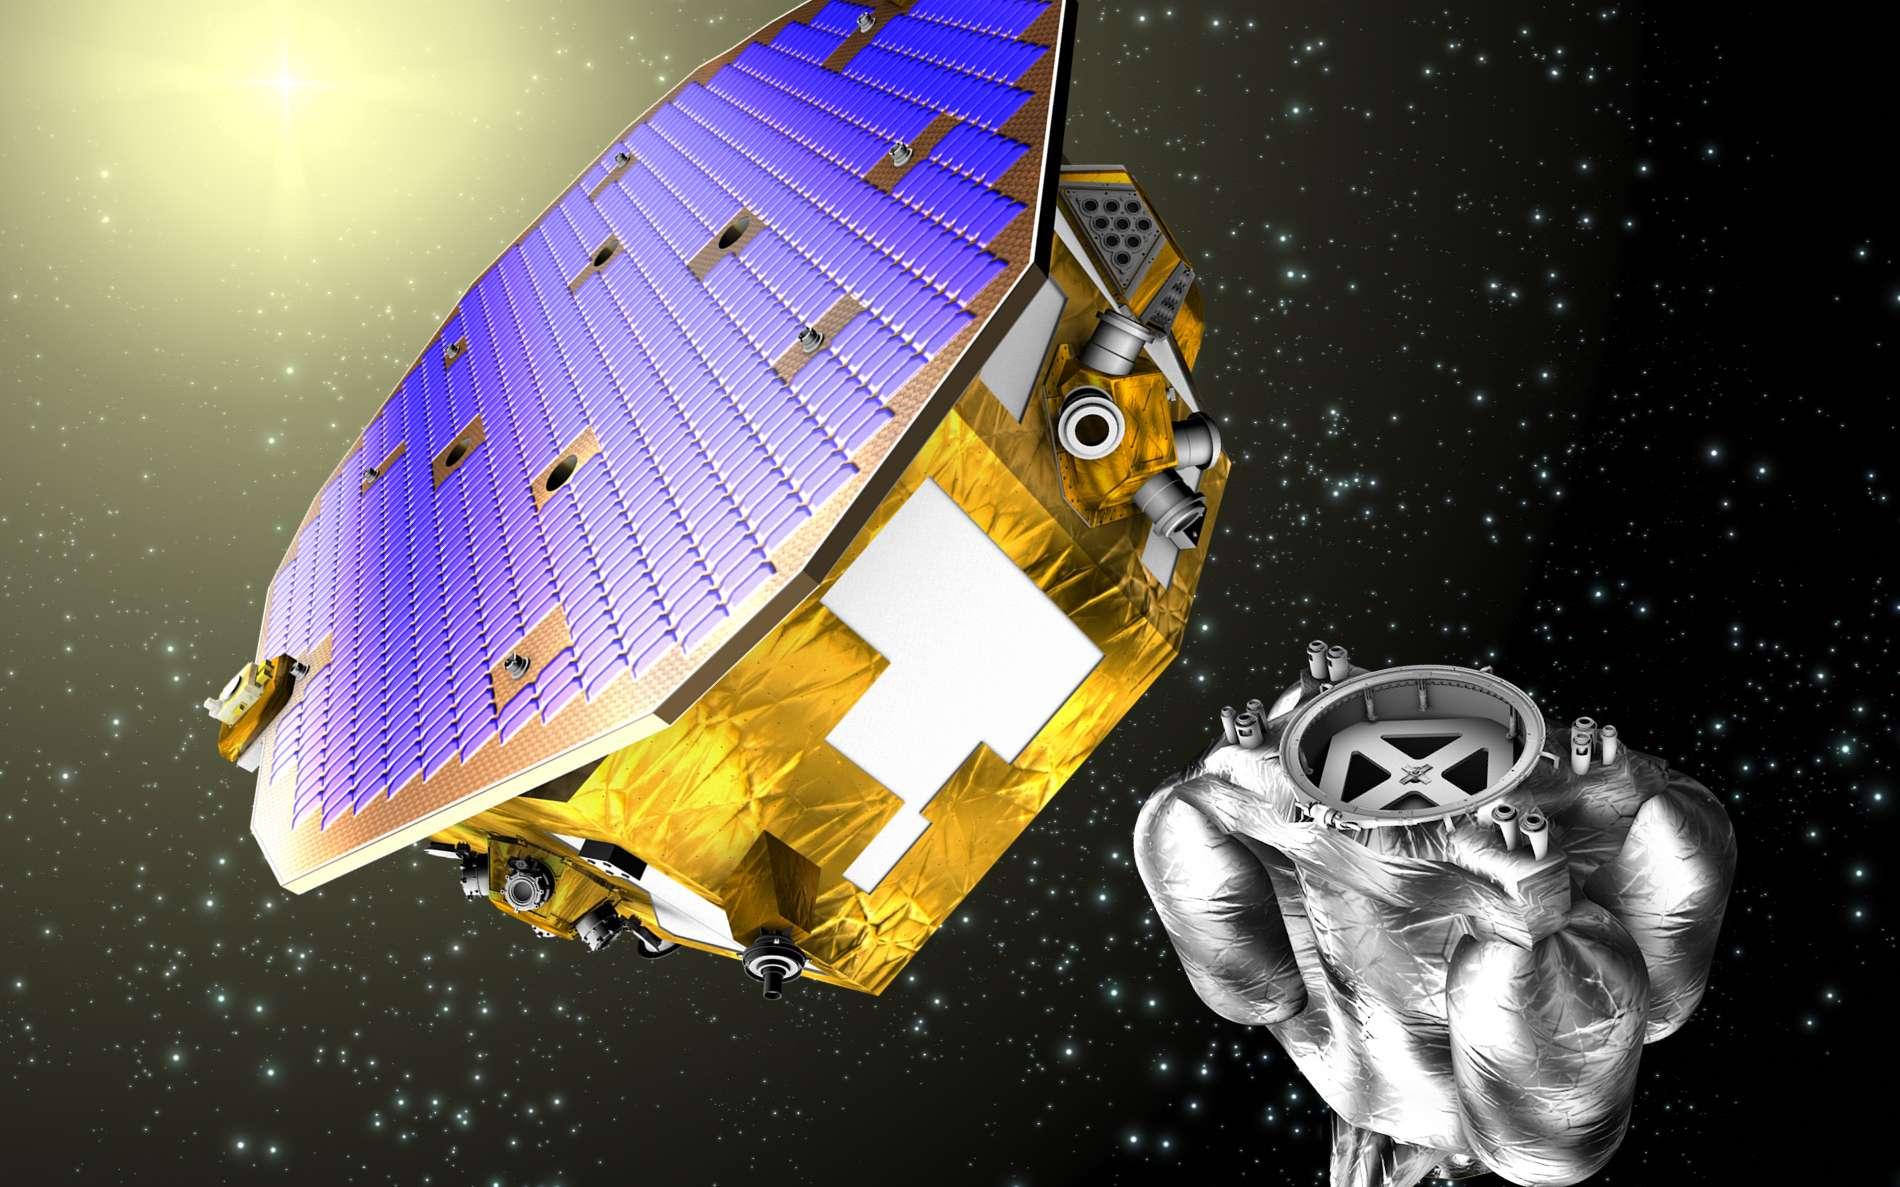 Le satellite Lisa Pathfinder est un démonstrateur. Son objectif est de valider les technologies du projet eLisa. © Esa